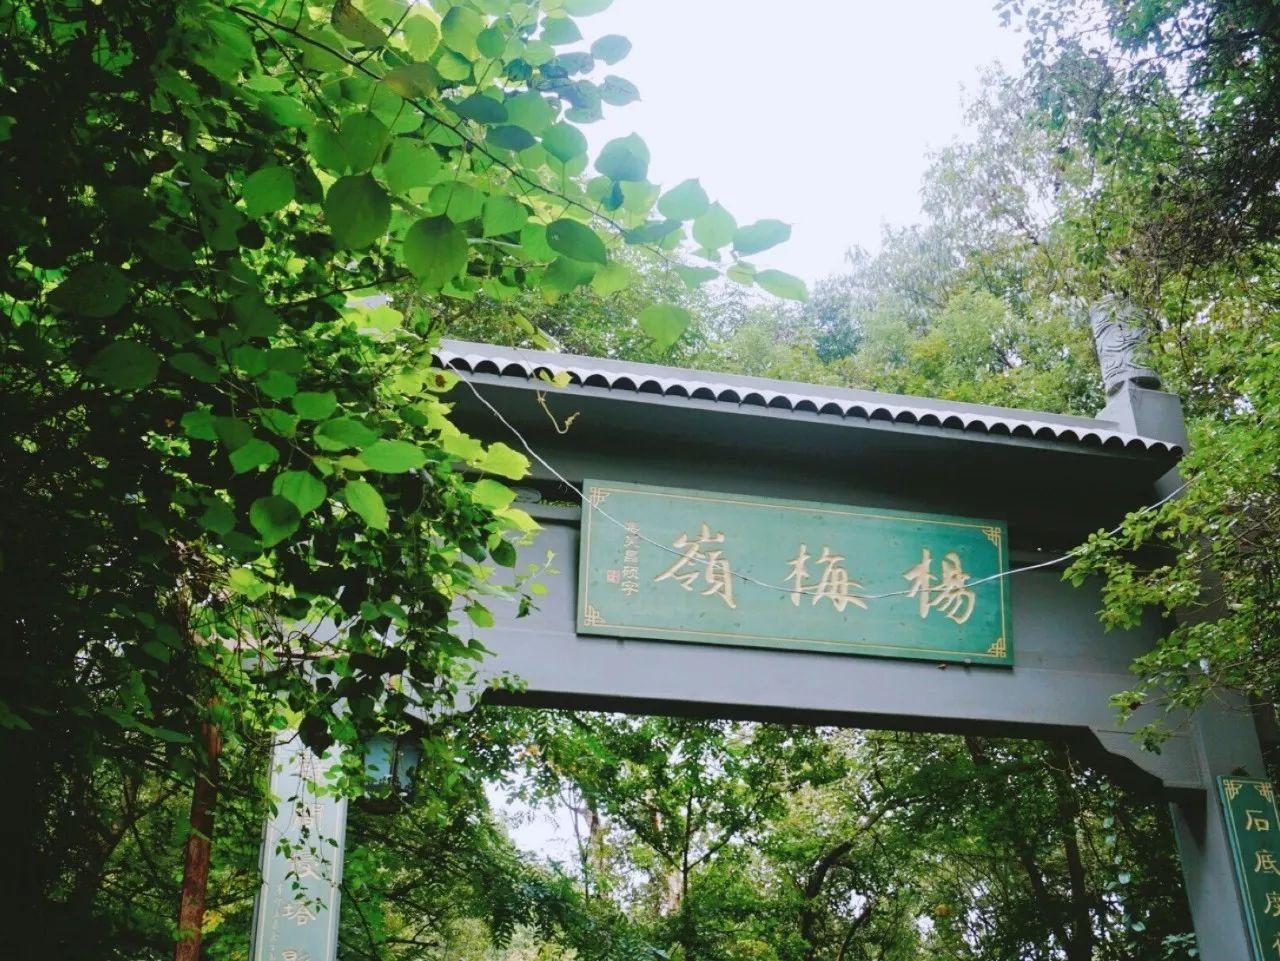 杭州·栖迟,还是那个独一无二的黑白灰